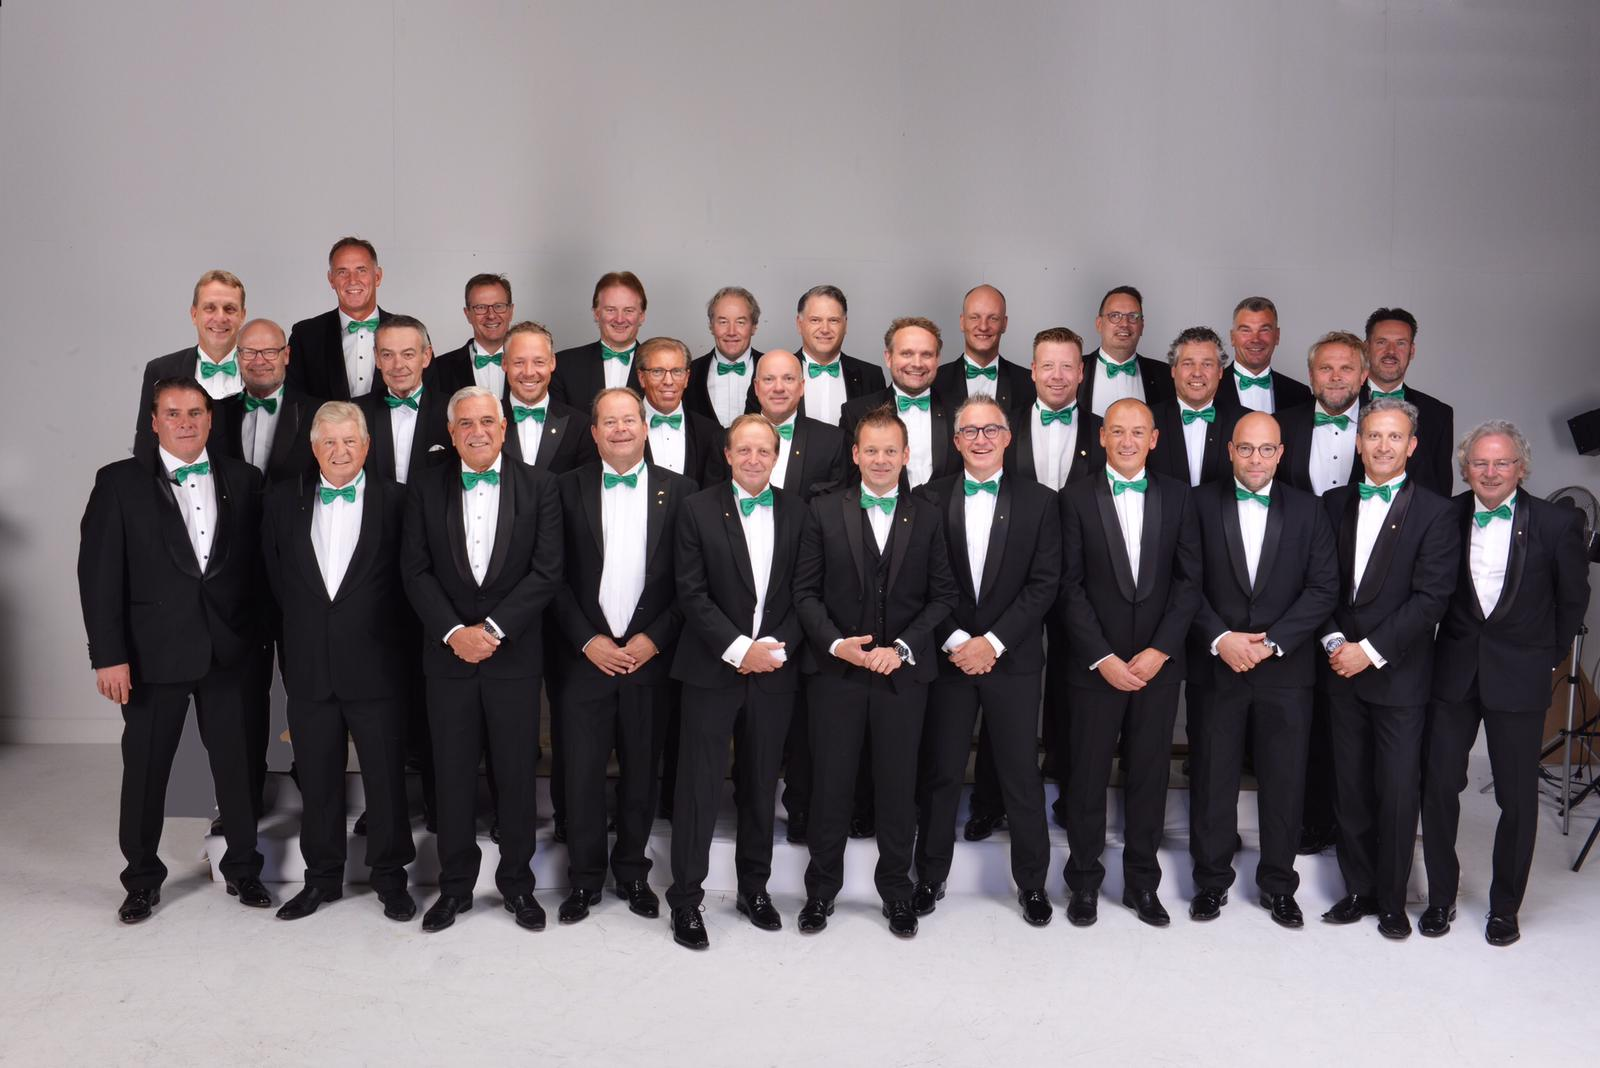 De Leden van Oldenzaalse Ondernemers Sociëteit Klavertje Vier